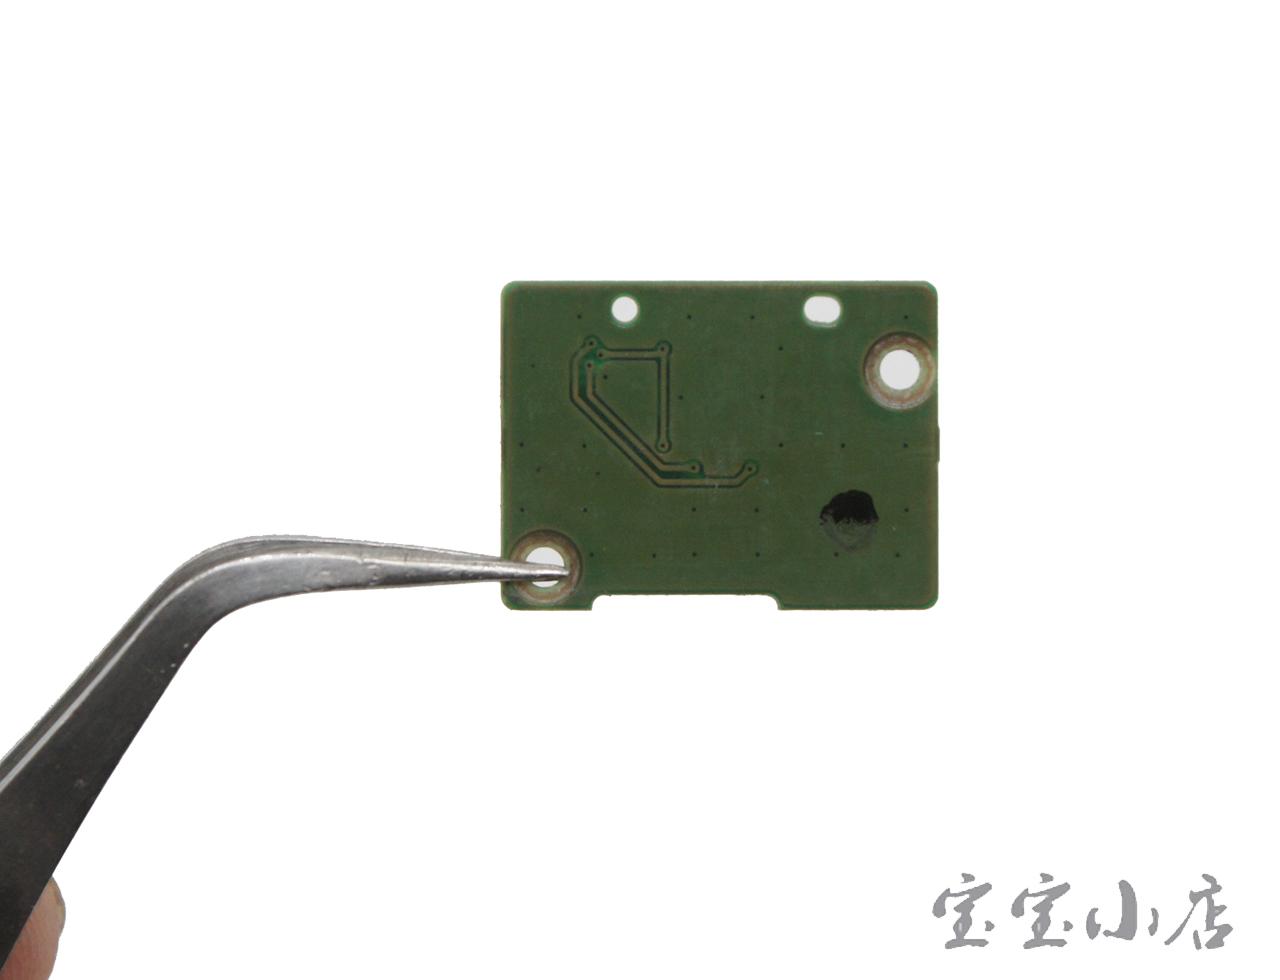 新到货50pcs MFC DC2412 PM_04_00322_V1_2 联想Thinkpad New X1 carbon 开关小板 电源按键小板 按钮